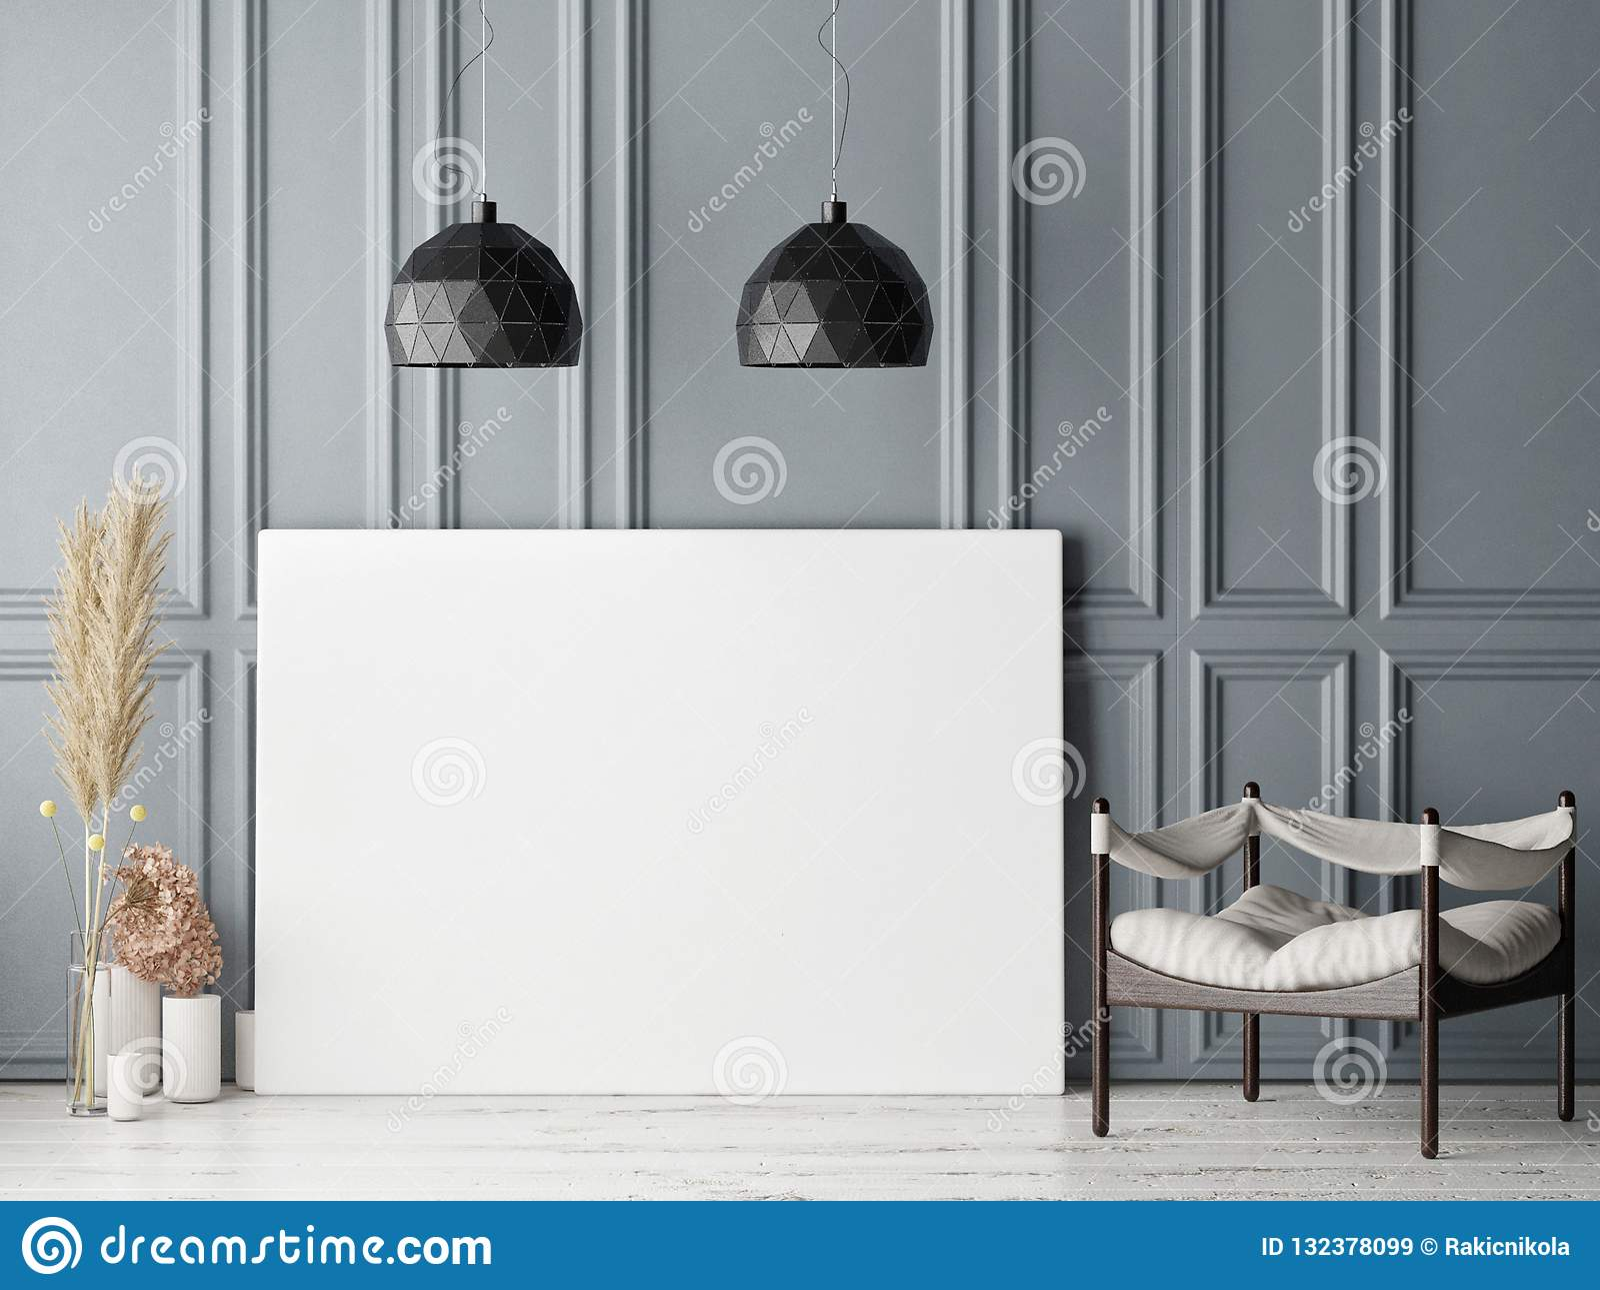 Scheinbares hohes Plakat im skandinavischen Hippie-Wohnzimmerhintergrund